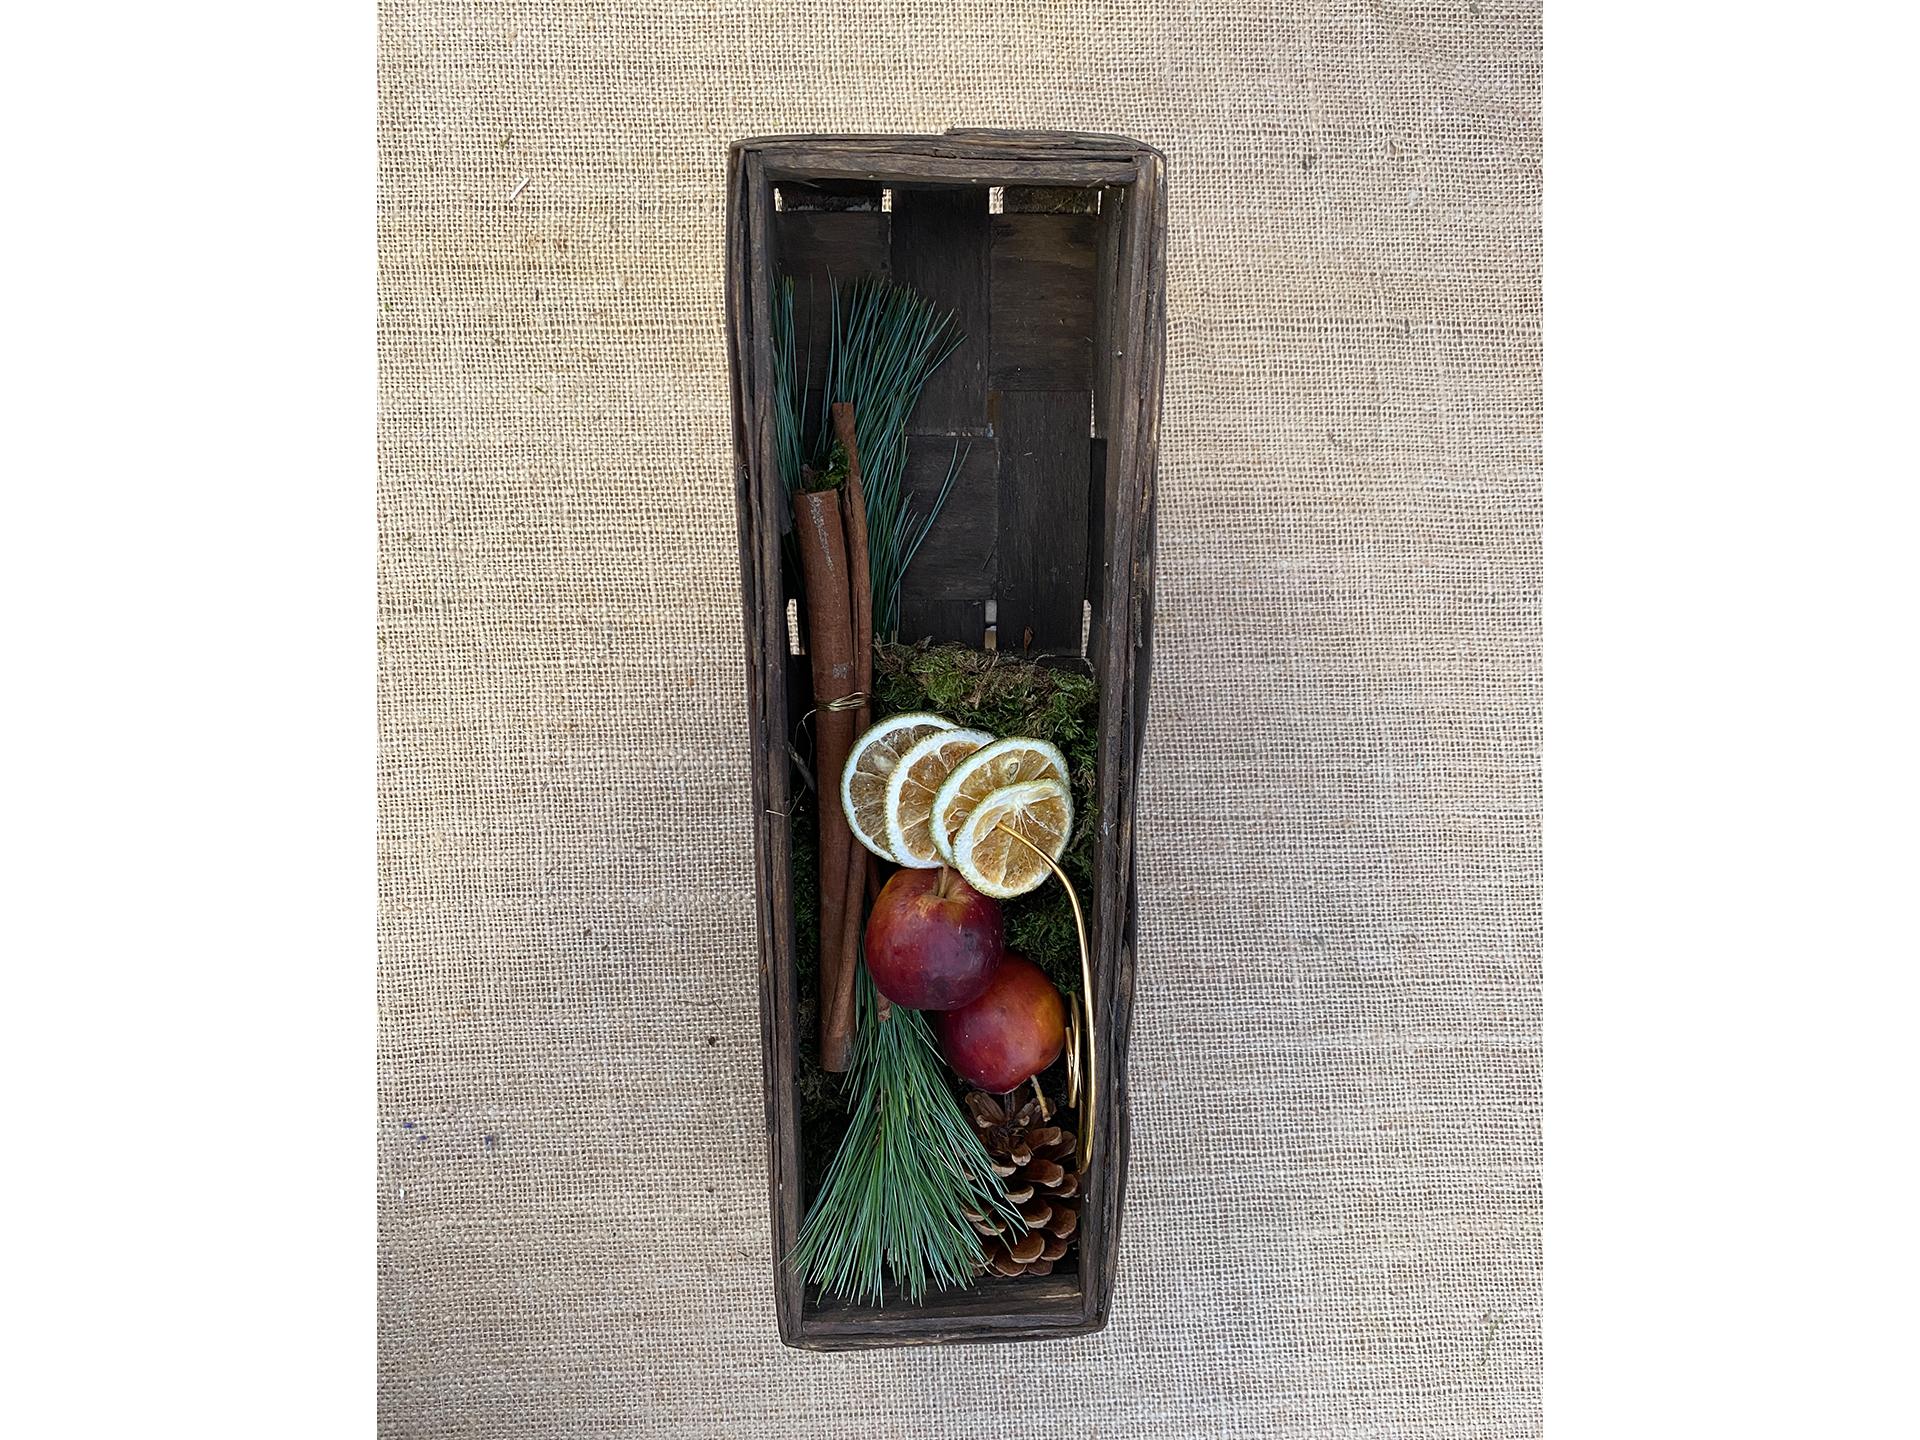 Holzkiste mit Weihnachtsdeko klein (ohne Inhalt)